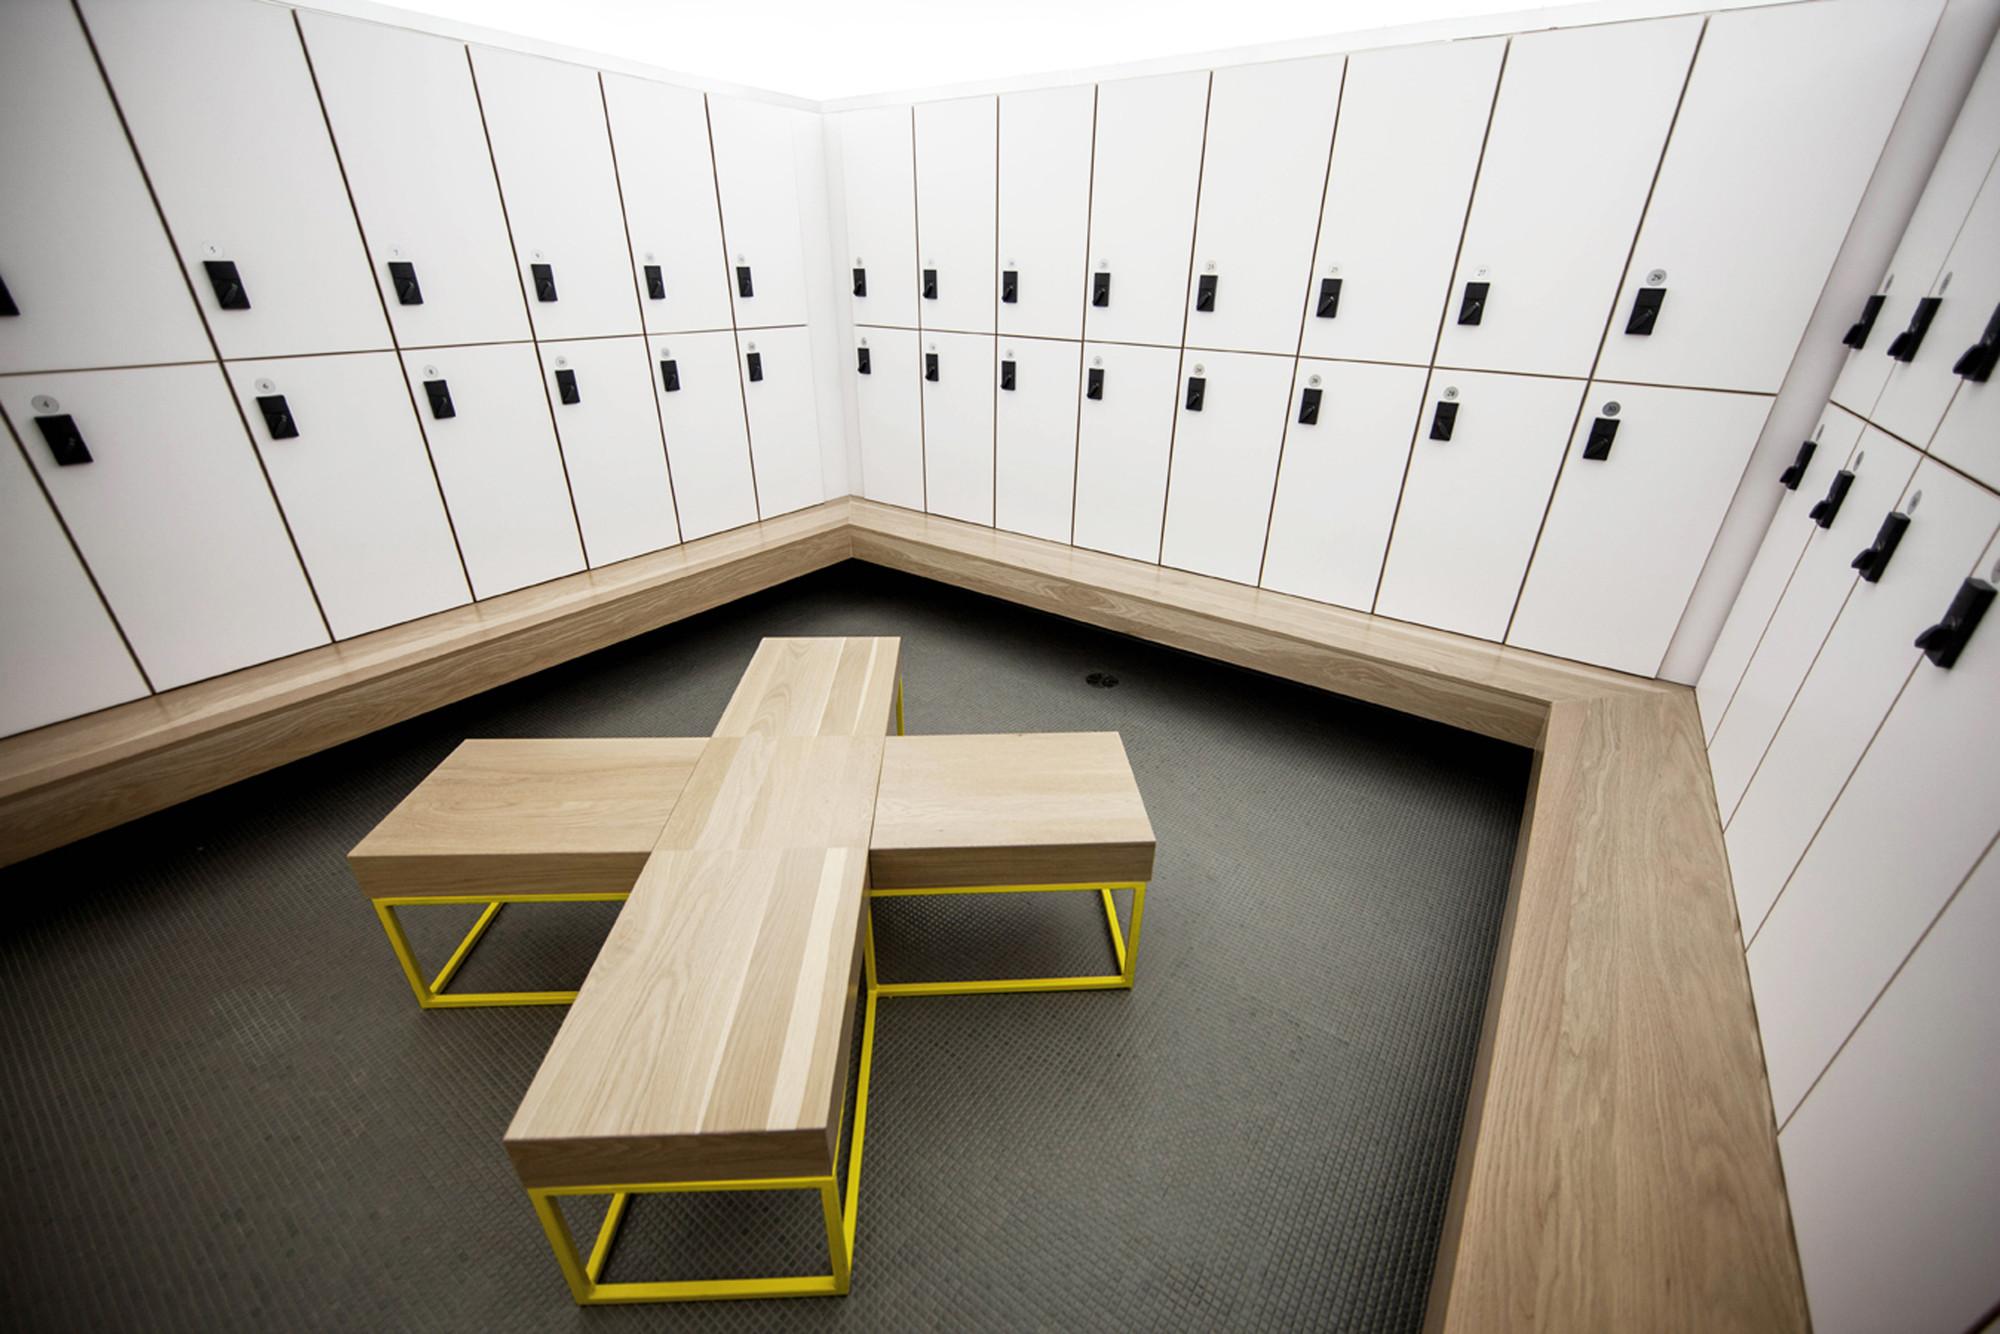 Le St-Jude / Thomas Balaban Architect, Courtesy of Thomas Balaban Architect